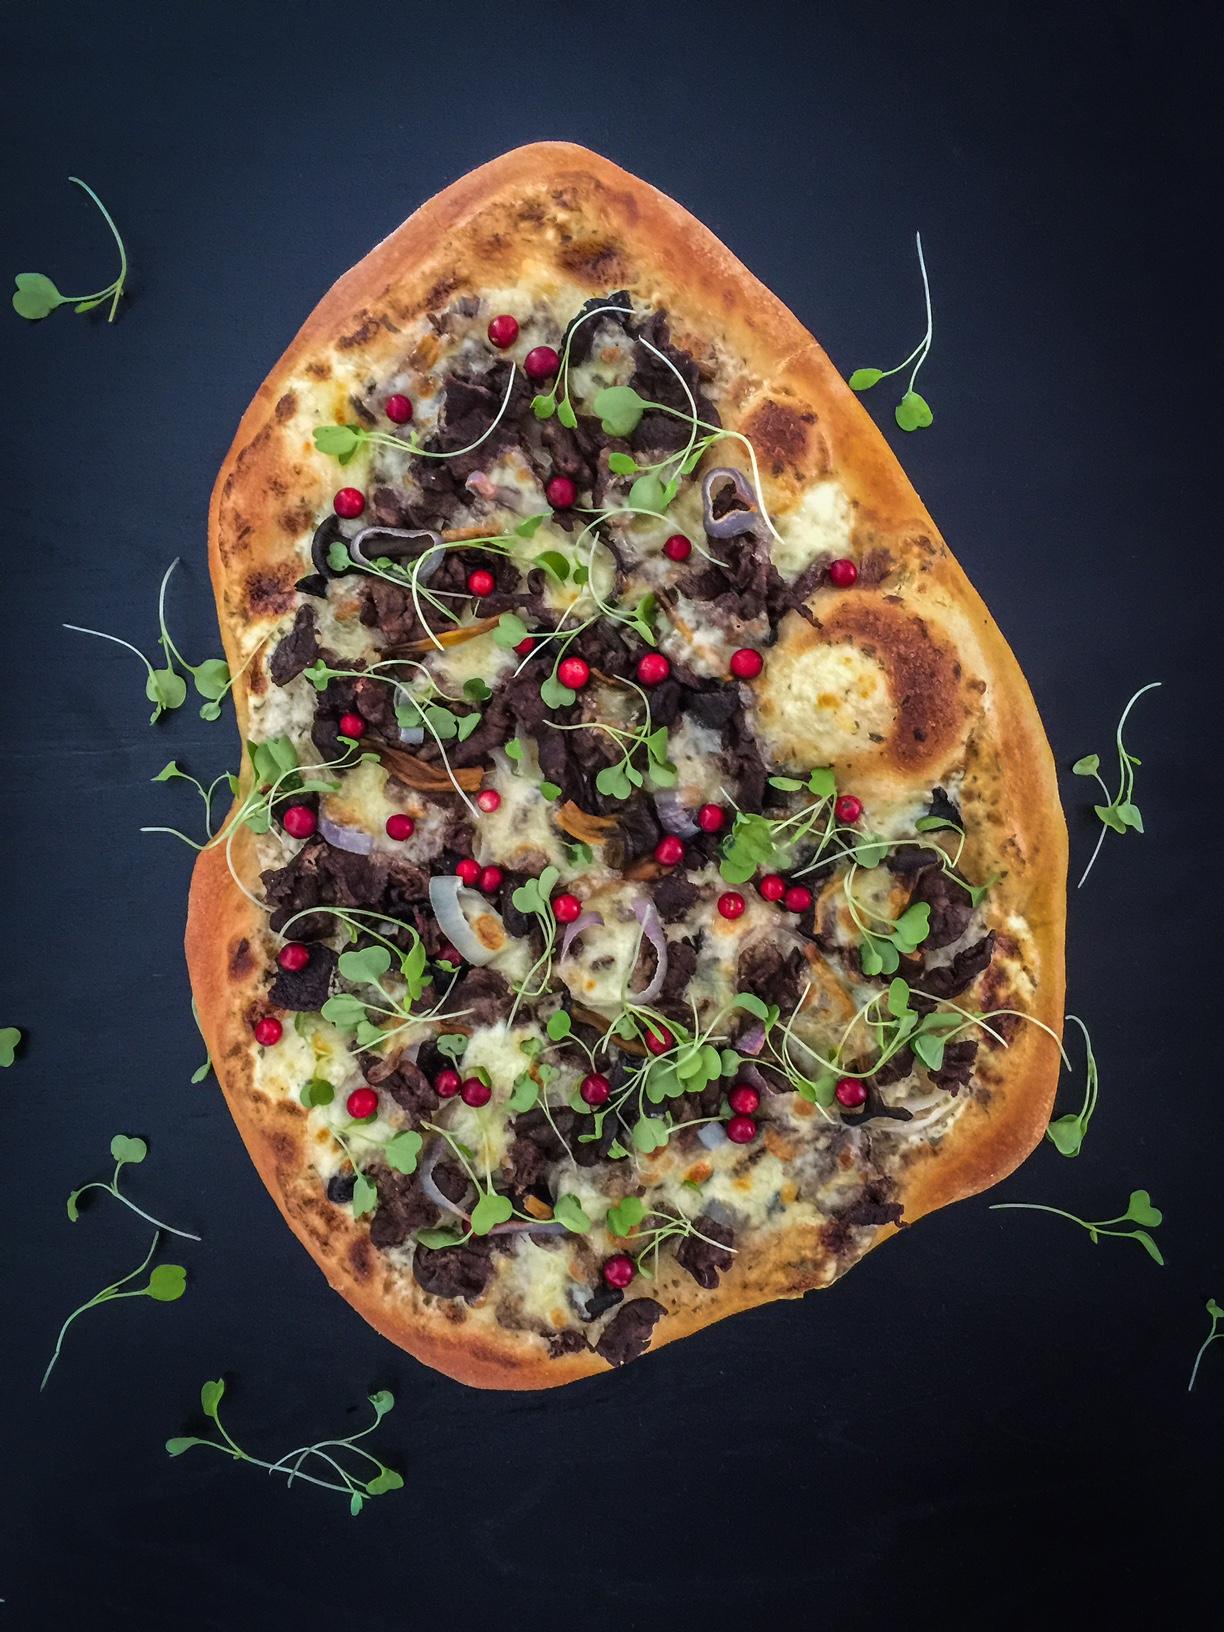 herkkulinen poropizza pizzakivellä grillistä